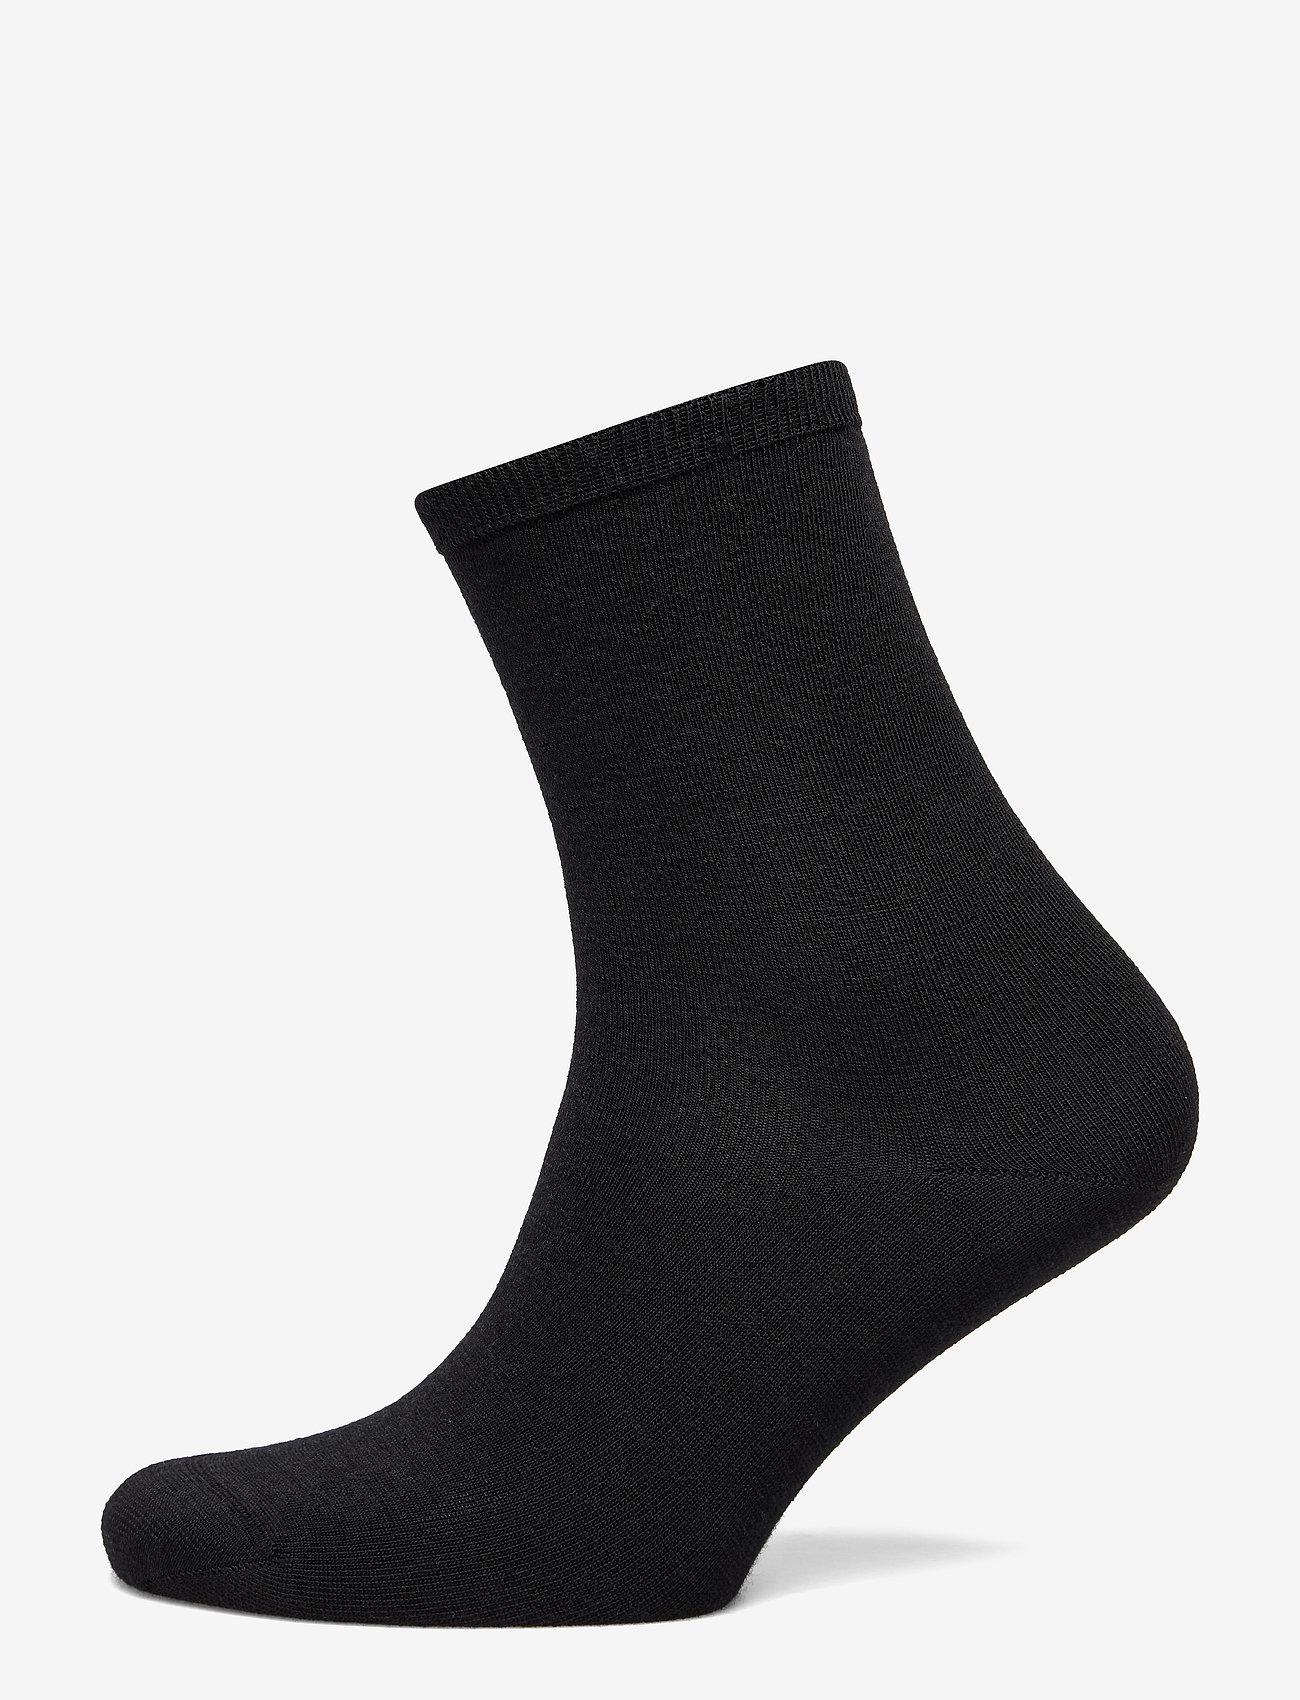 Vogue - Ladies anklesock, Plain Merino Wool Socks - strumpor - black - 1